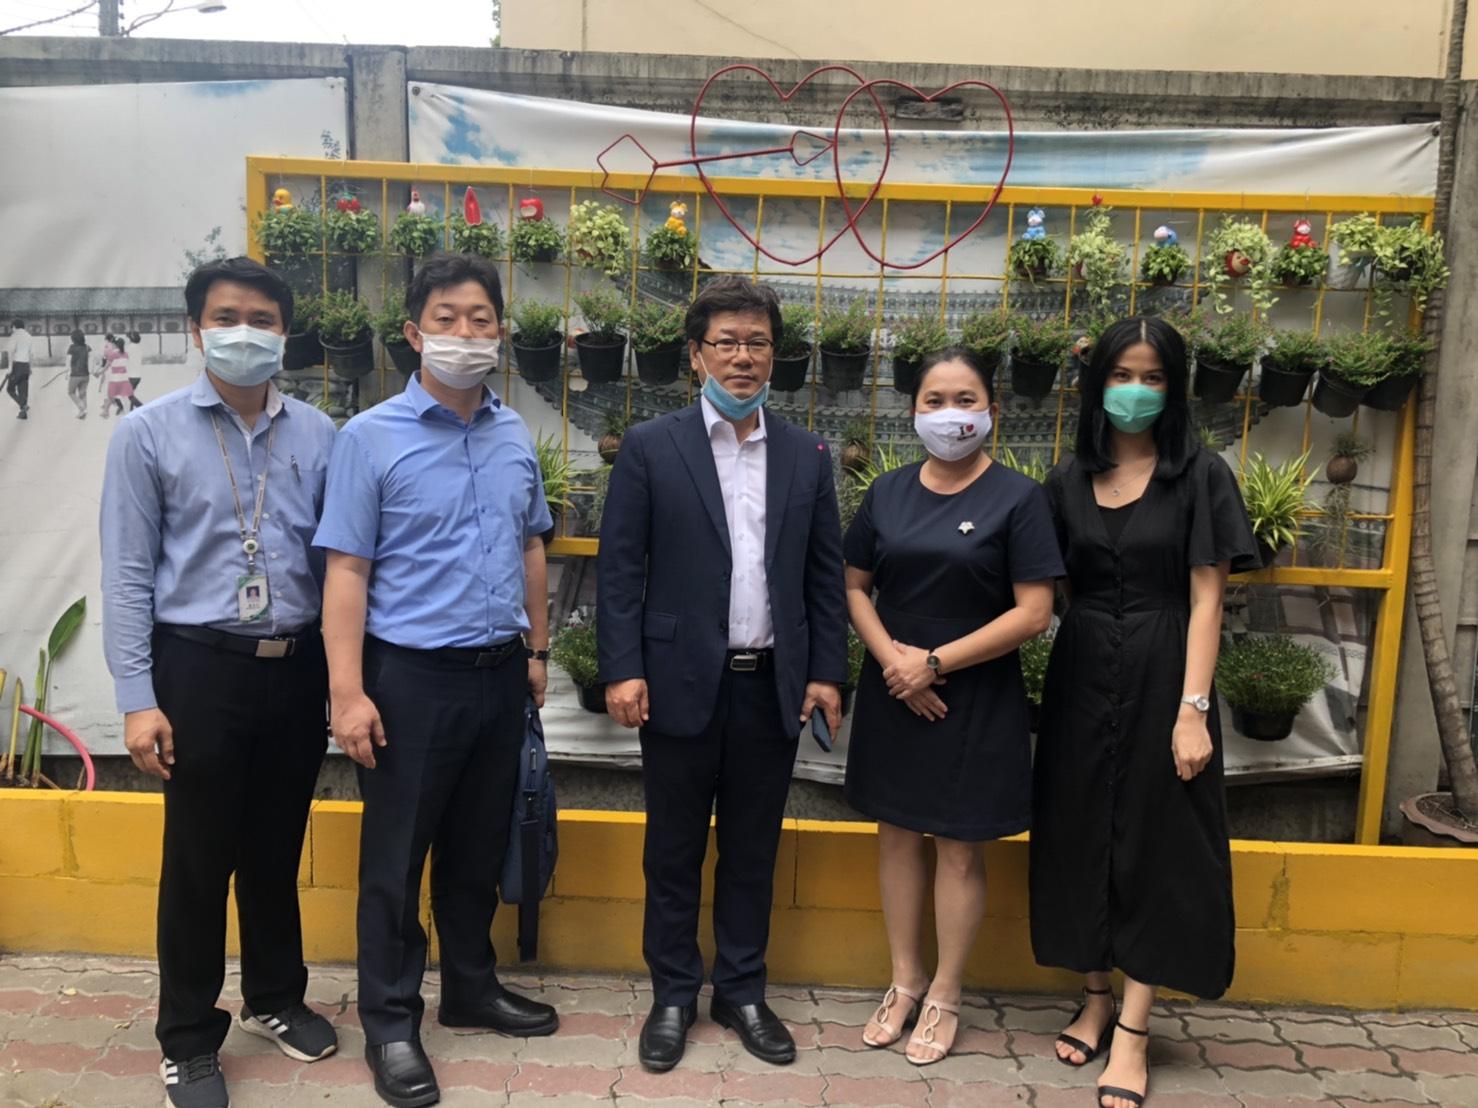 ผู้อำนวยการ HRD Korea EPS Center ประจำประเทศไทย เข้าเยี่ยมชมการเรียนการสอนของโรงเรียนแม้นศรีกรุงเทพฯ